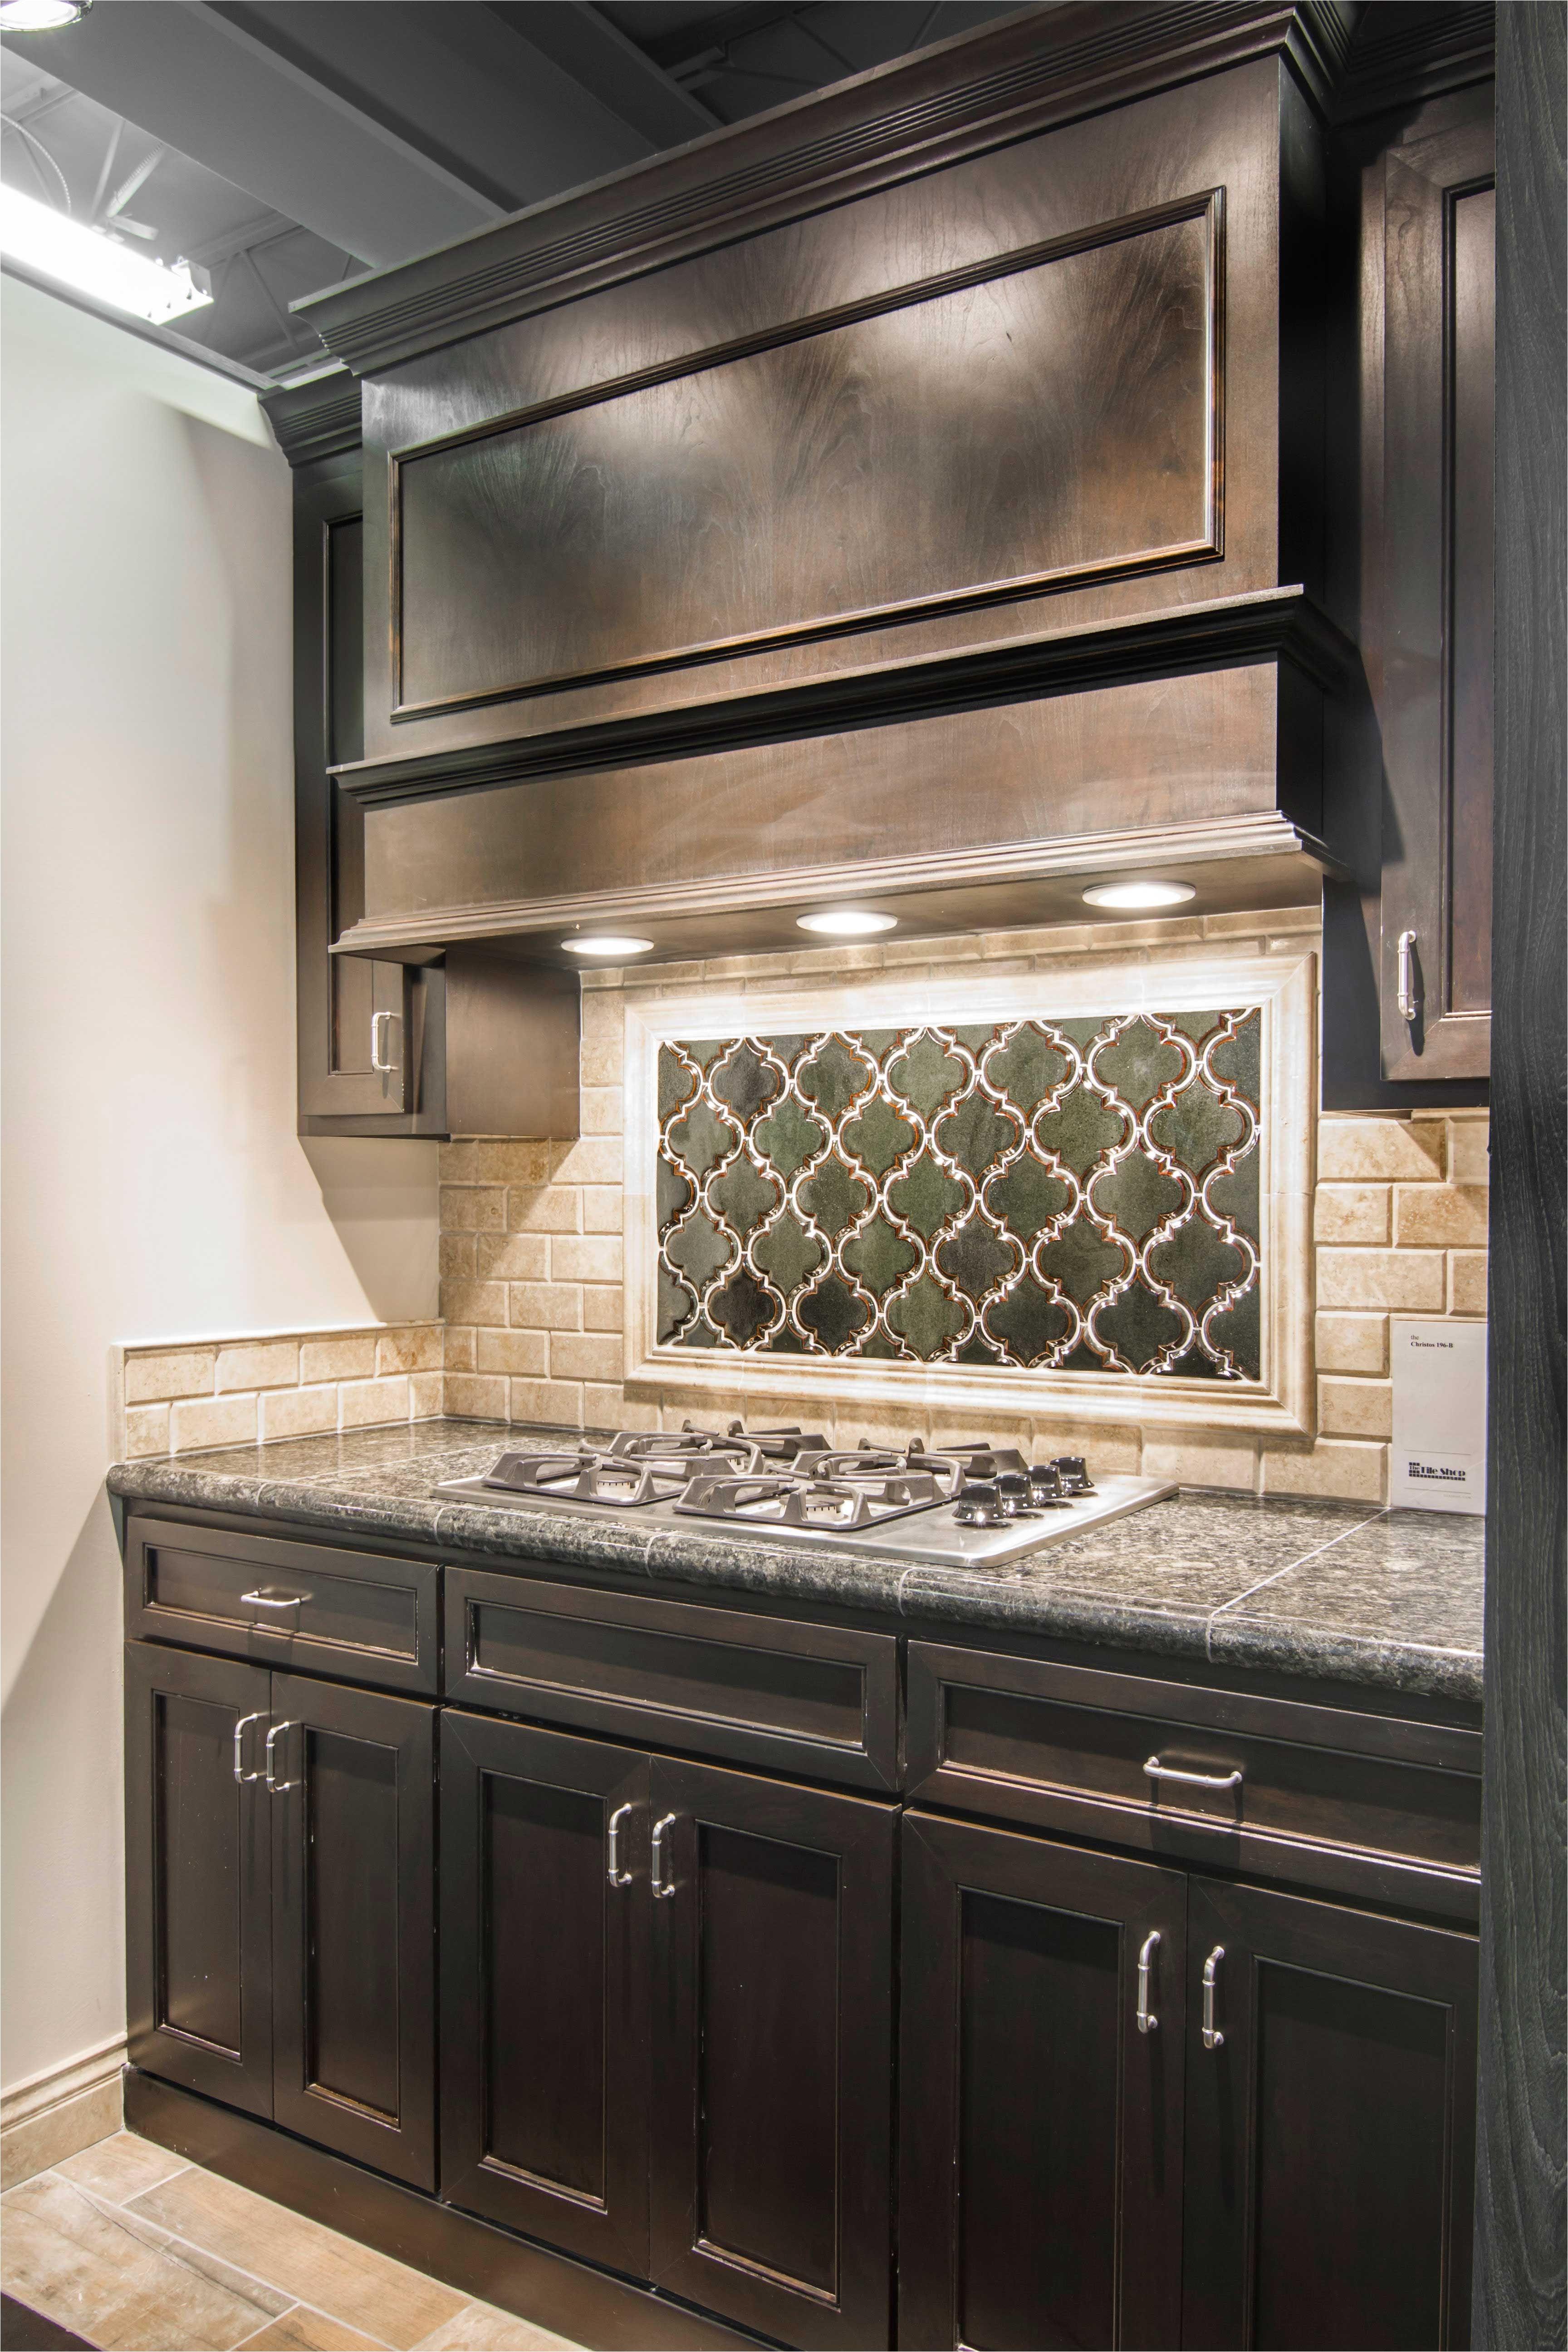 arabesque design kitchen backsplash tile artisan arabesque verde ceramic wall tile https www tileshop com product 494219 do